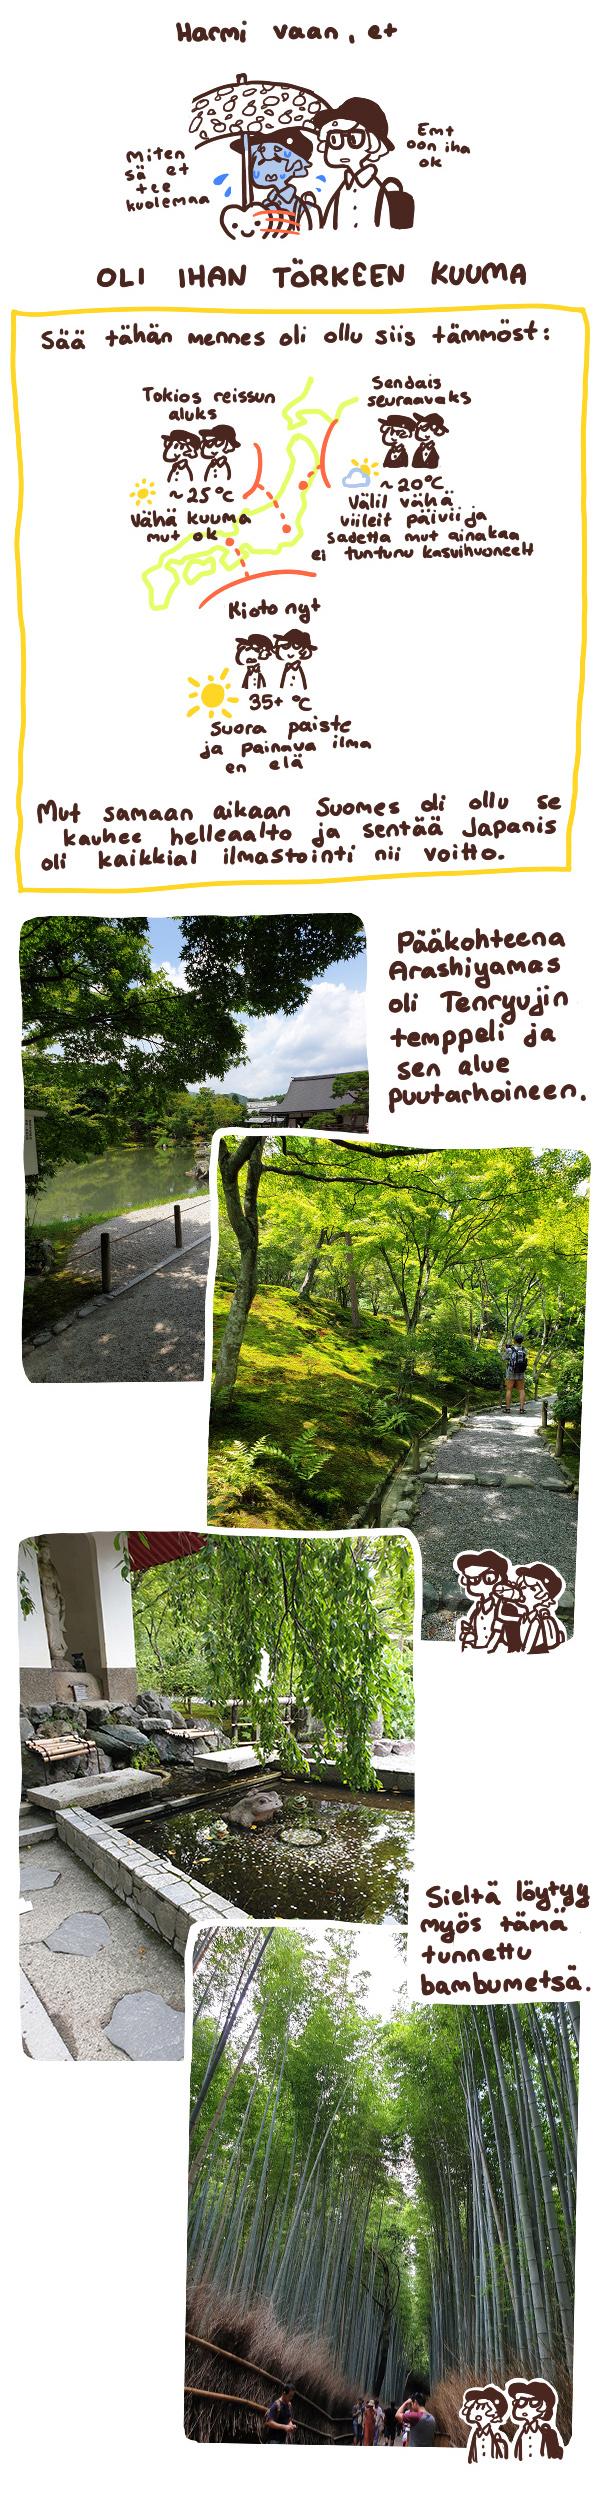 Sarjakuva478 Japanireissu 3_5